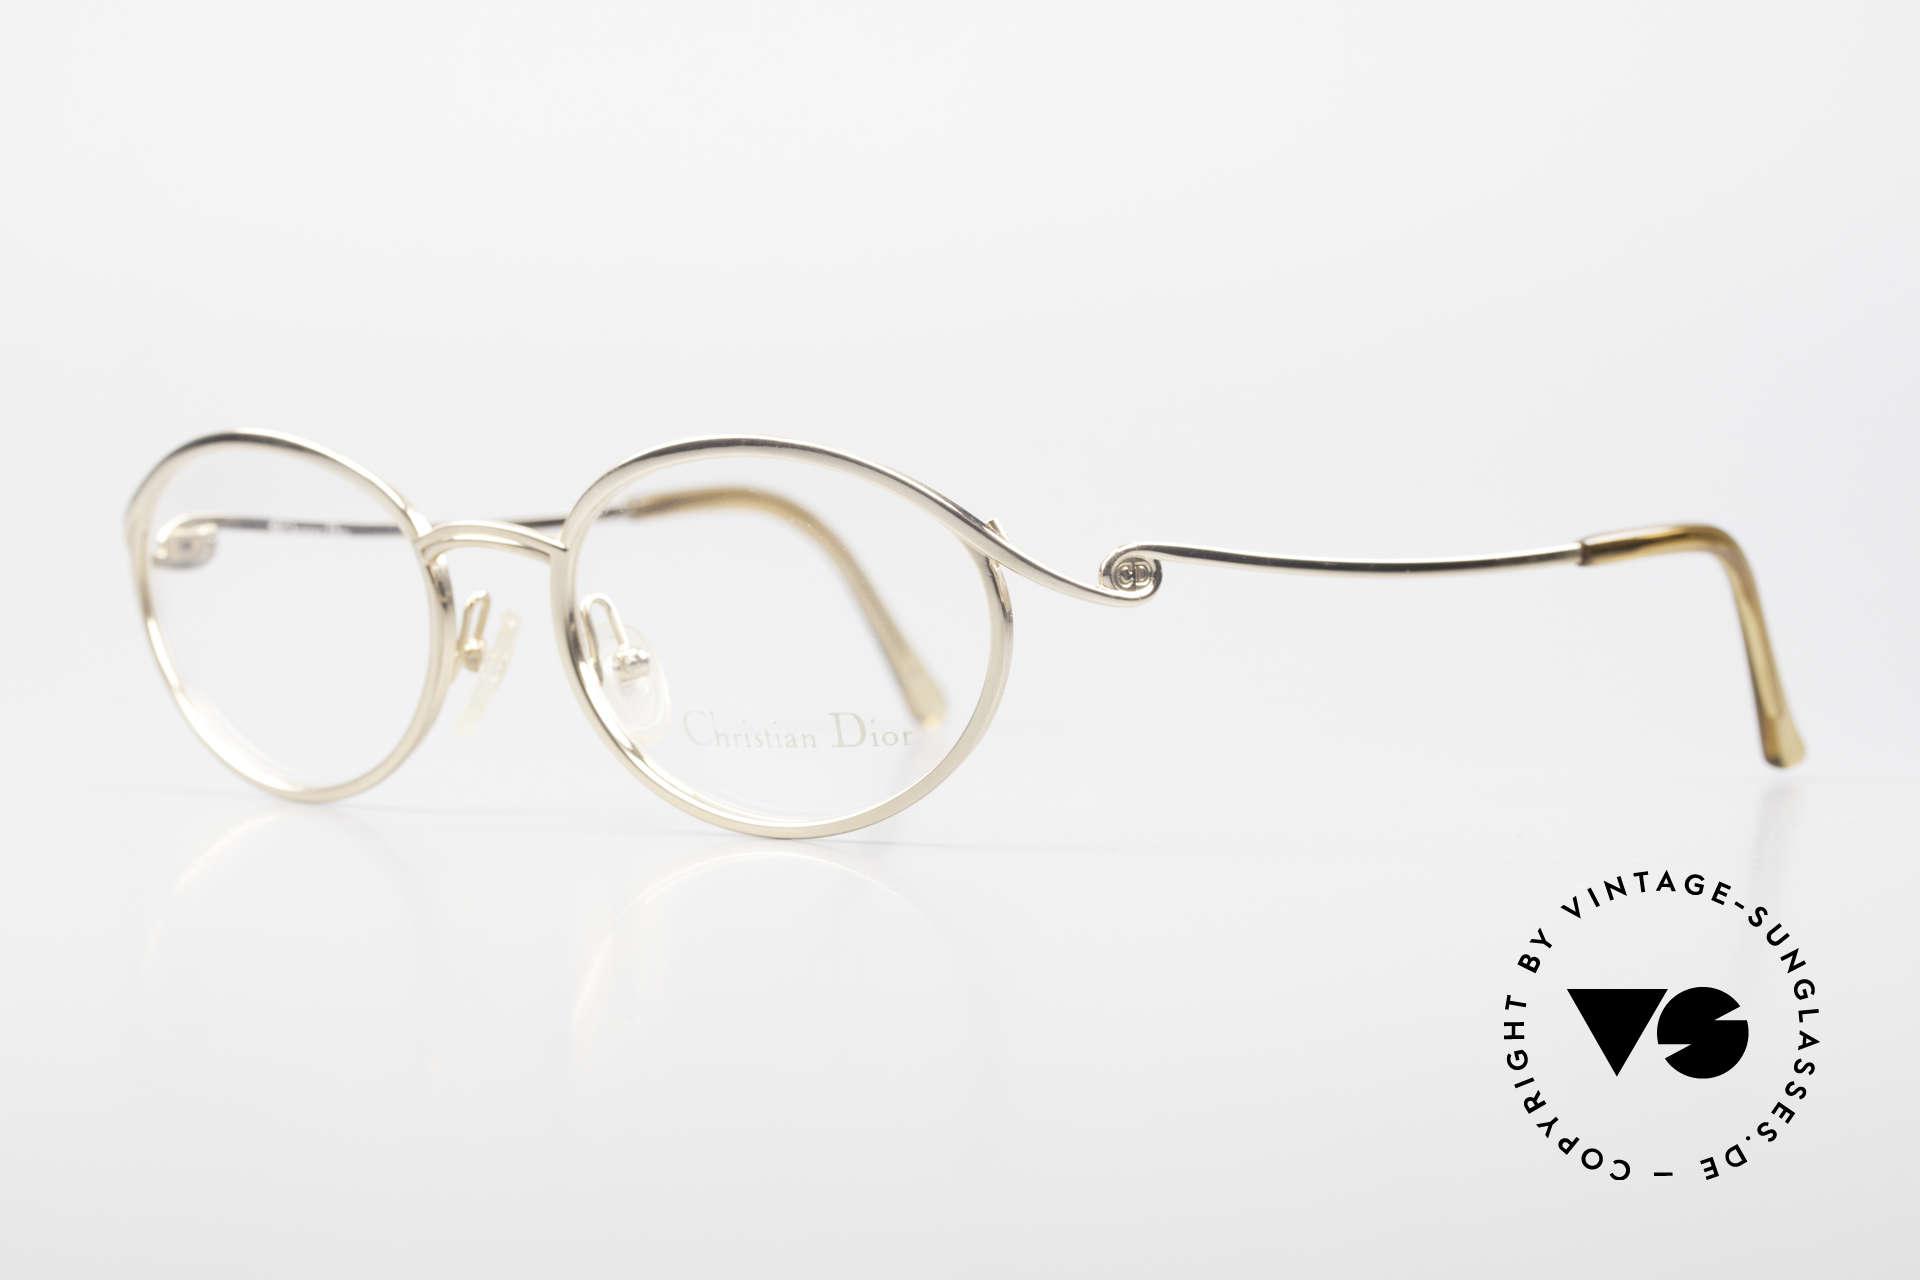 Christian Dior 2939 Damen Vintage Brille Vergoldet, vergoldeter Rahmen in herausragender Qualität, Passend für Damen